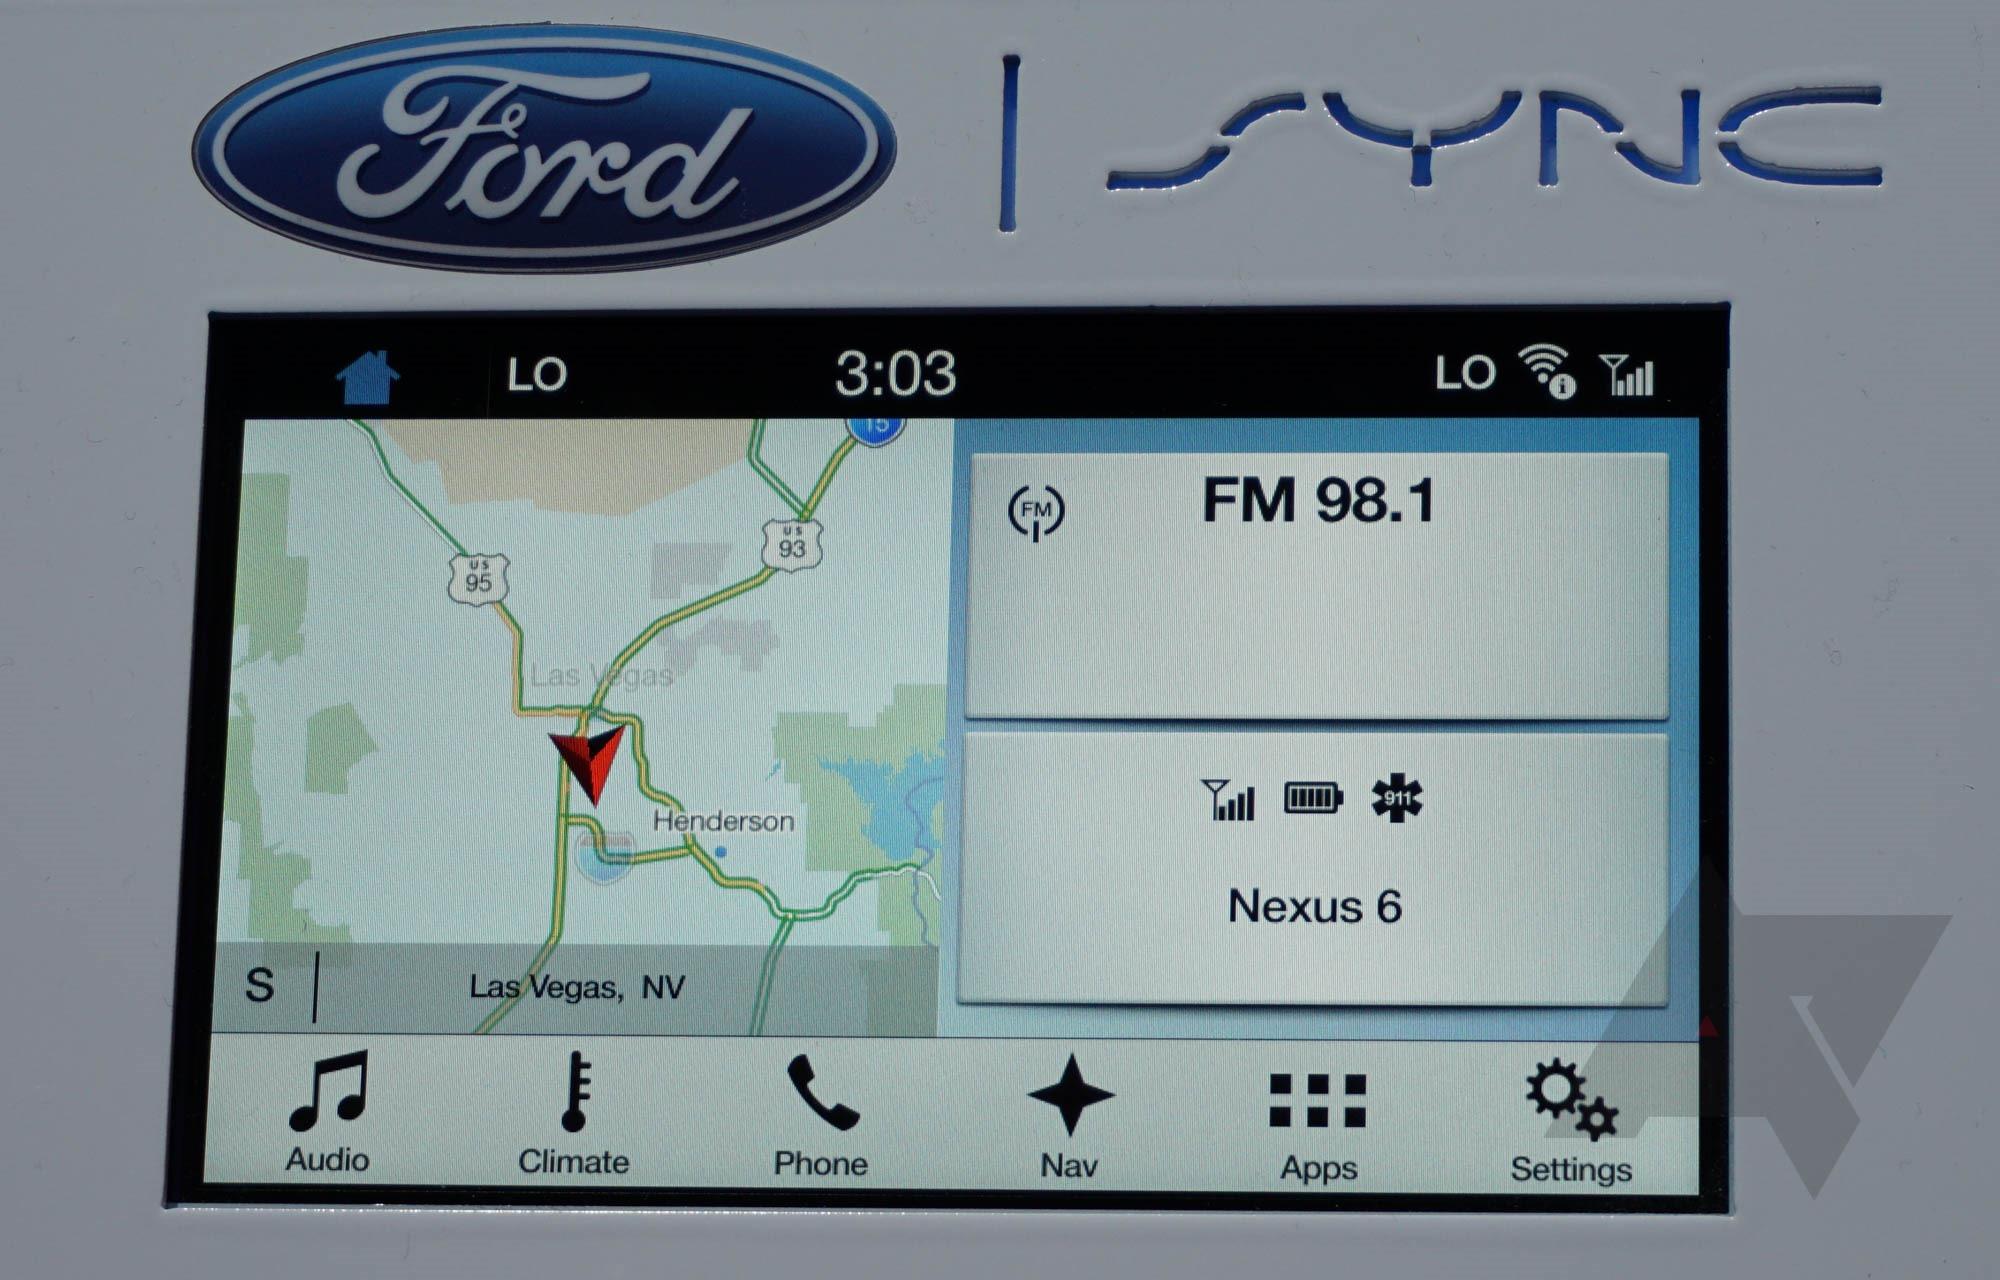 android auto sync - Monza berglauf-verband com